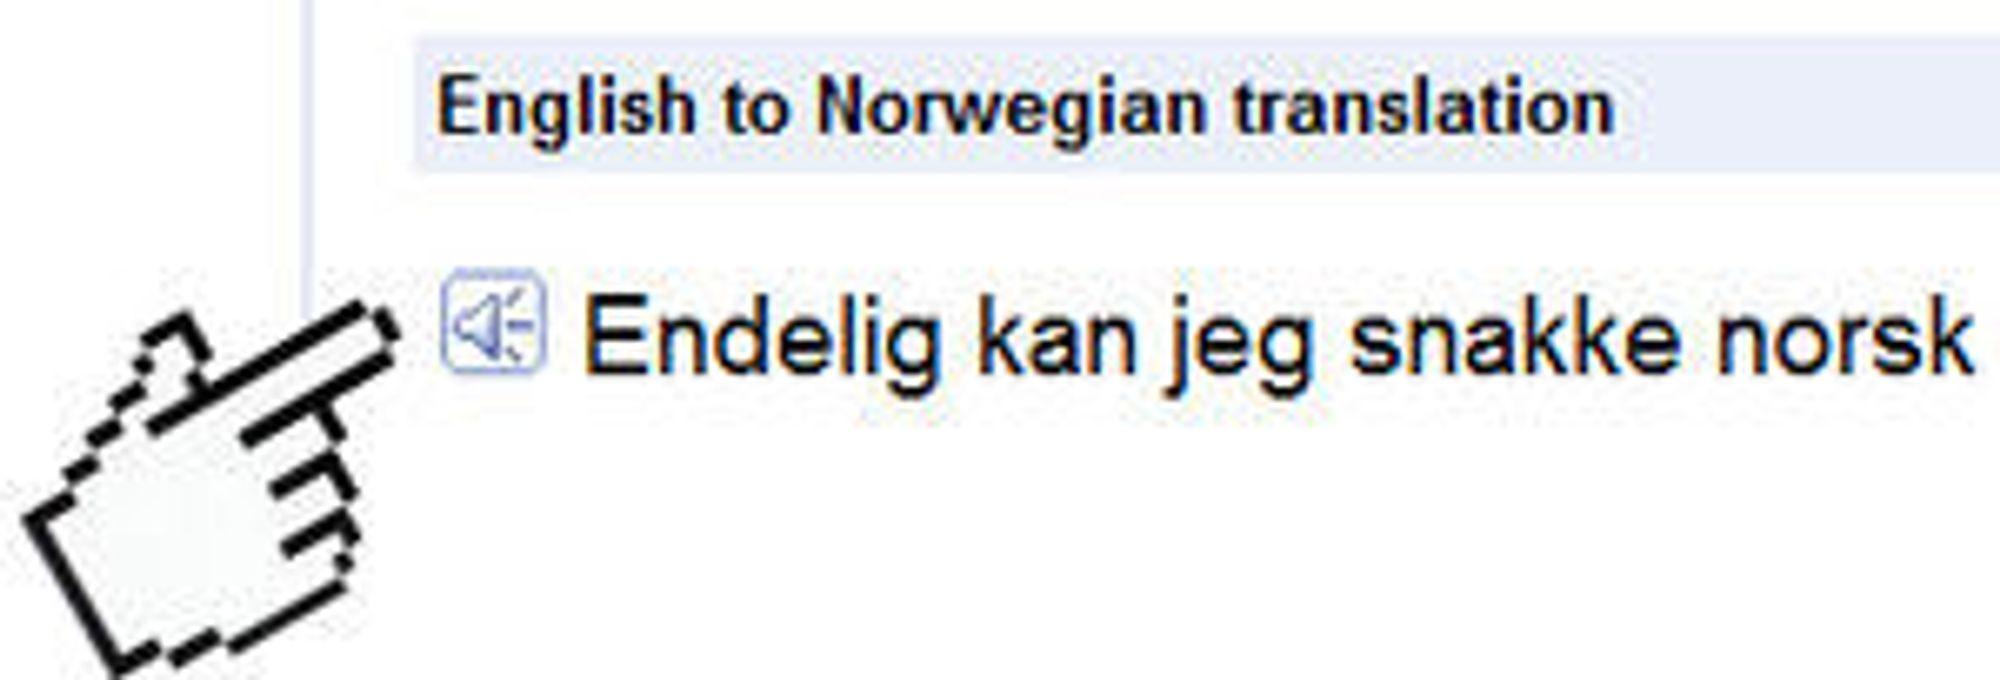 Klikk på dette lydsymbolet for å få teksten lest opp i Google Translate.